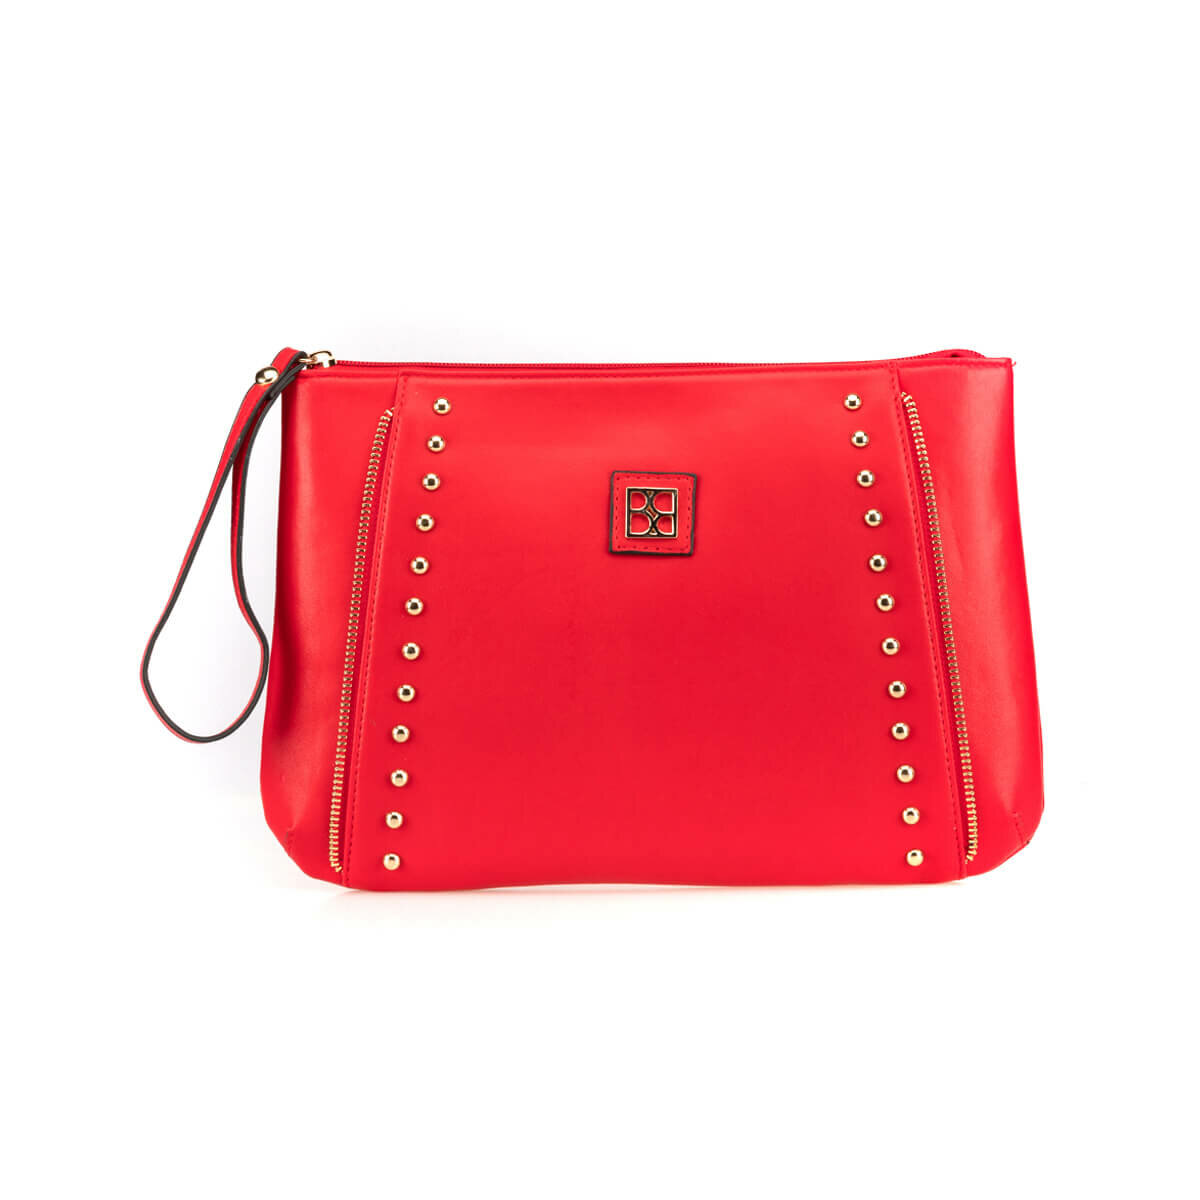 FLO WWDRN1400 Red Women 'S Hand Bag BUTIGO